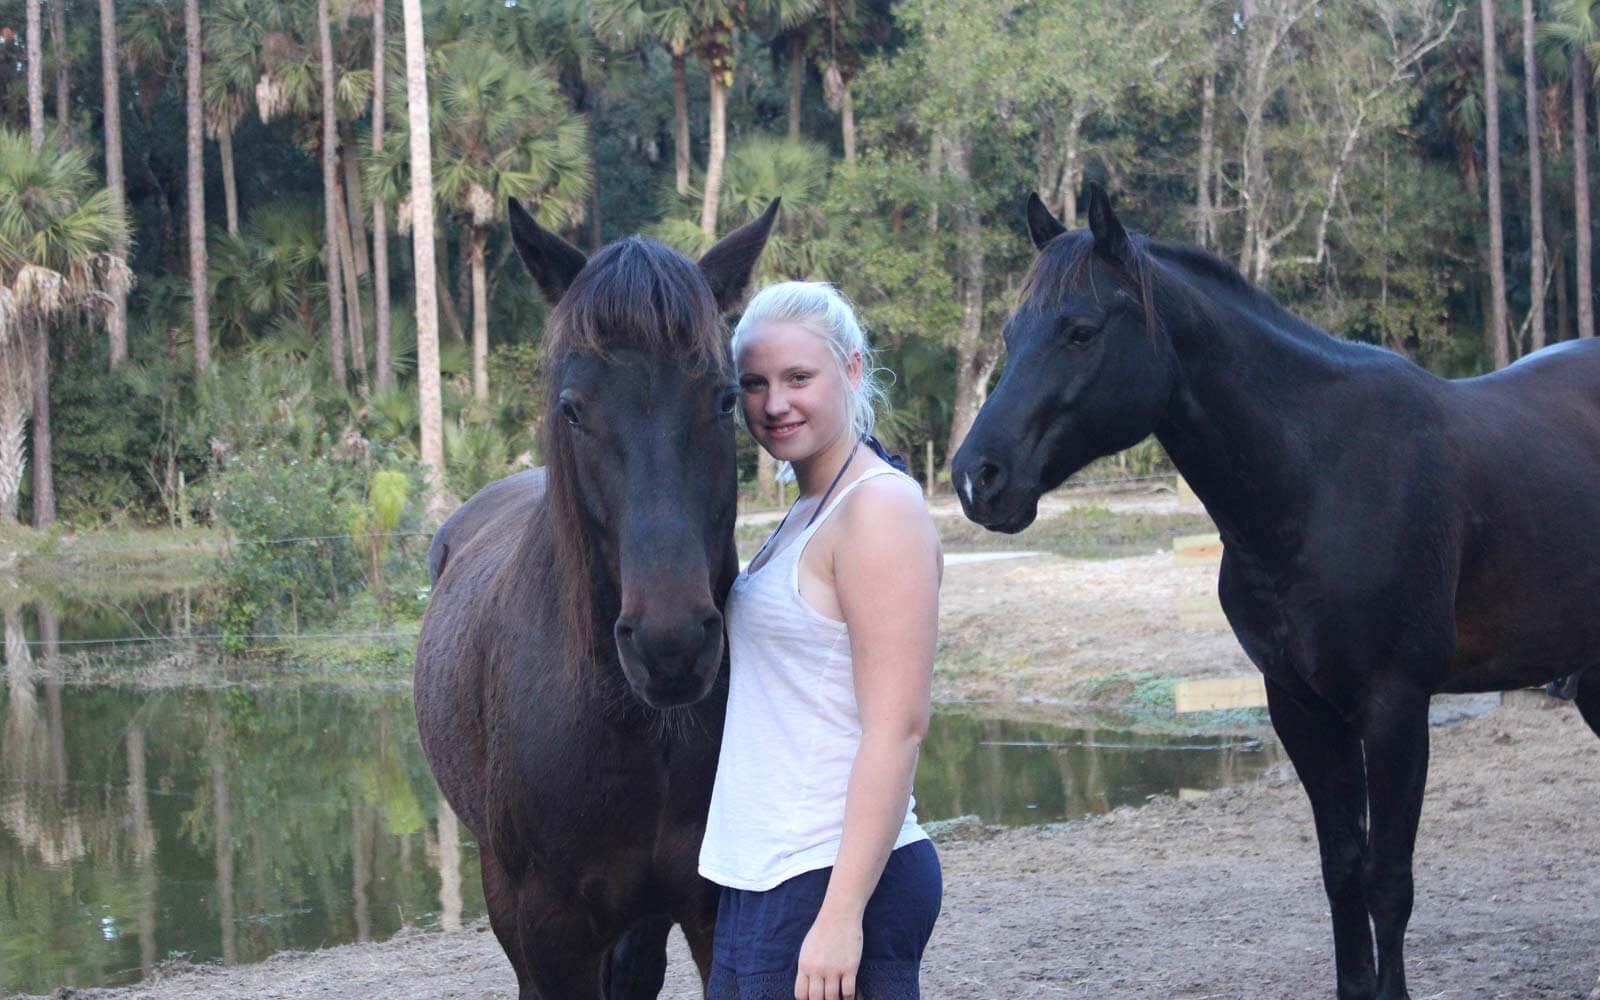 Franziska mit Pferden in Florida